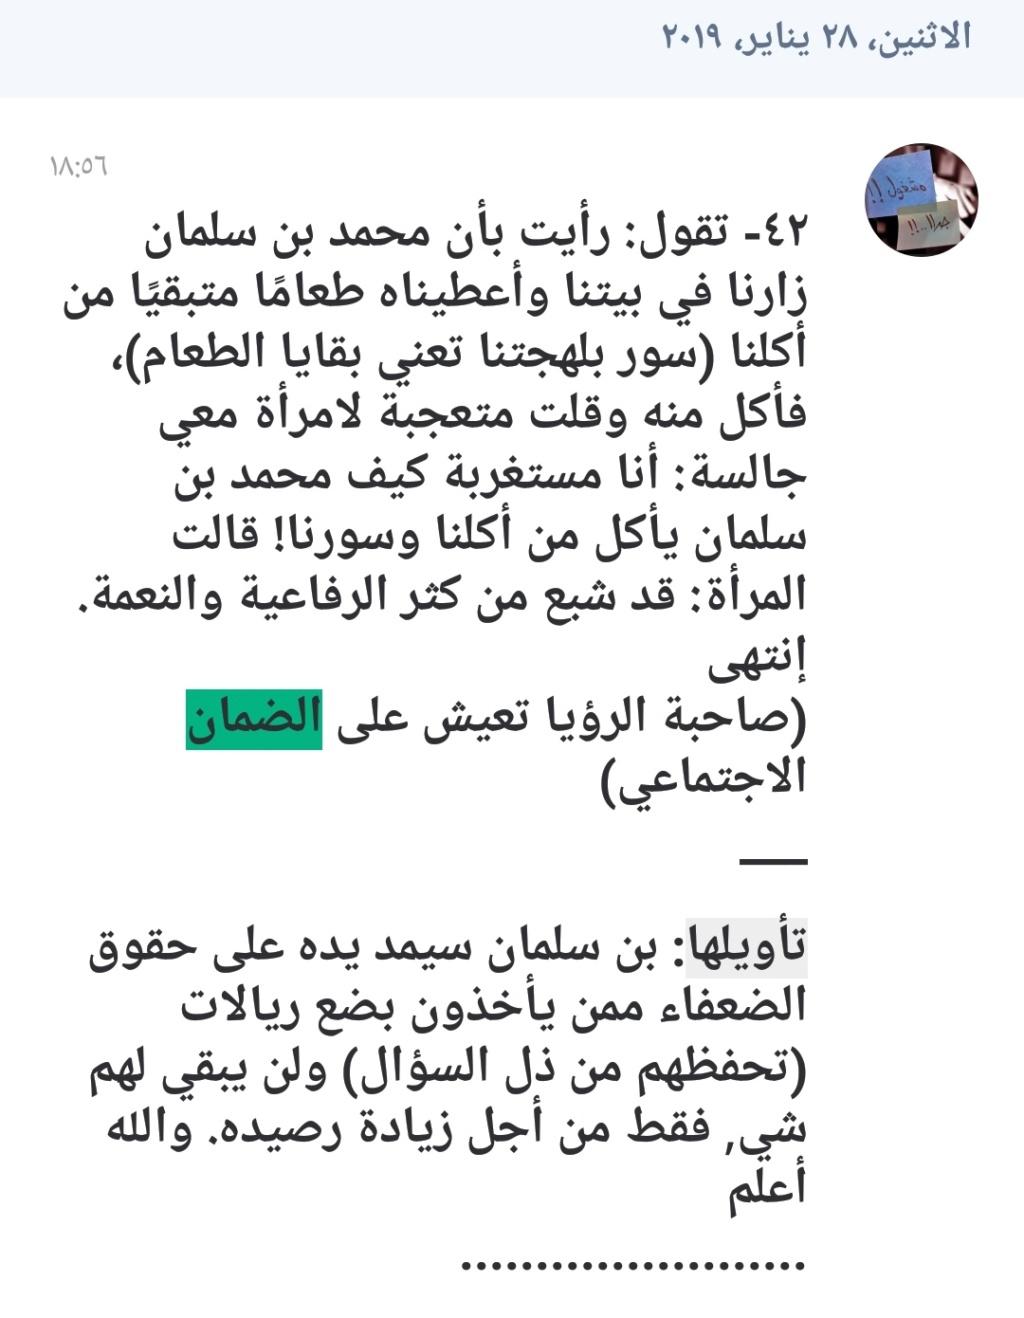 أخبار بلاد الحرمين وباقي الجزيرة...  Img_ee12